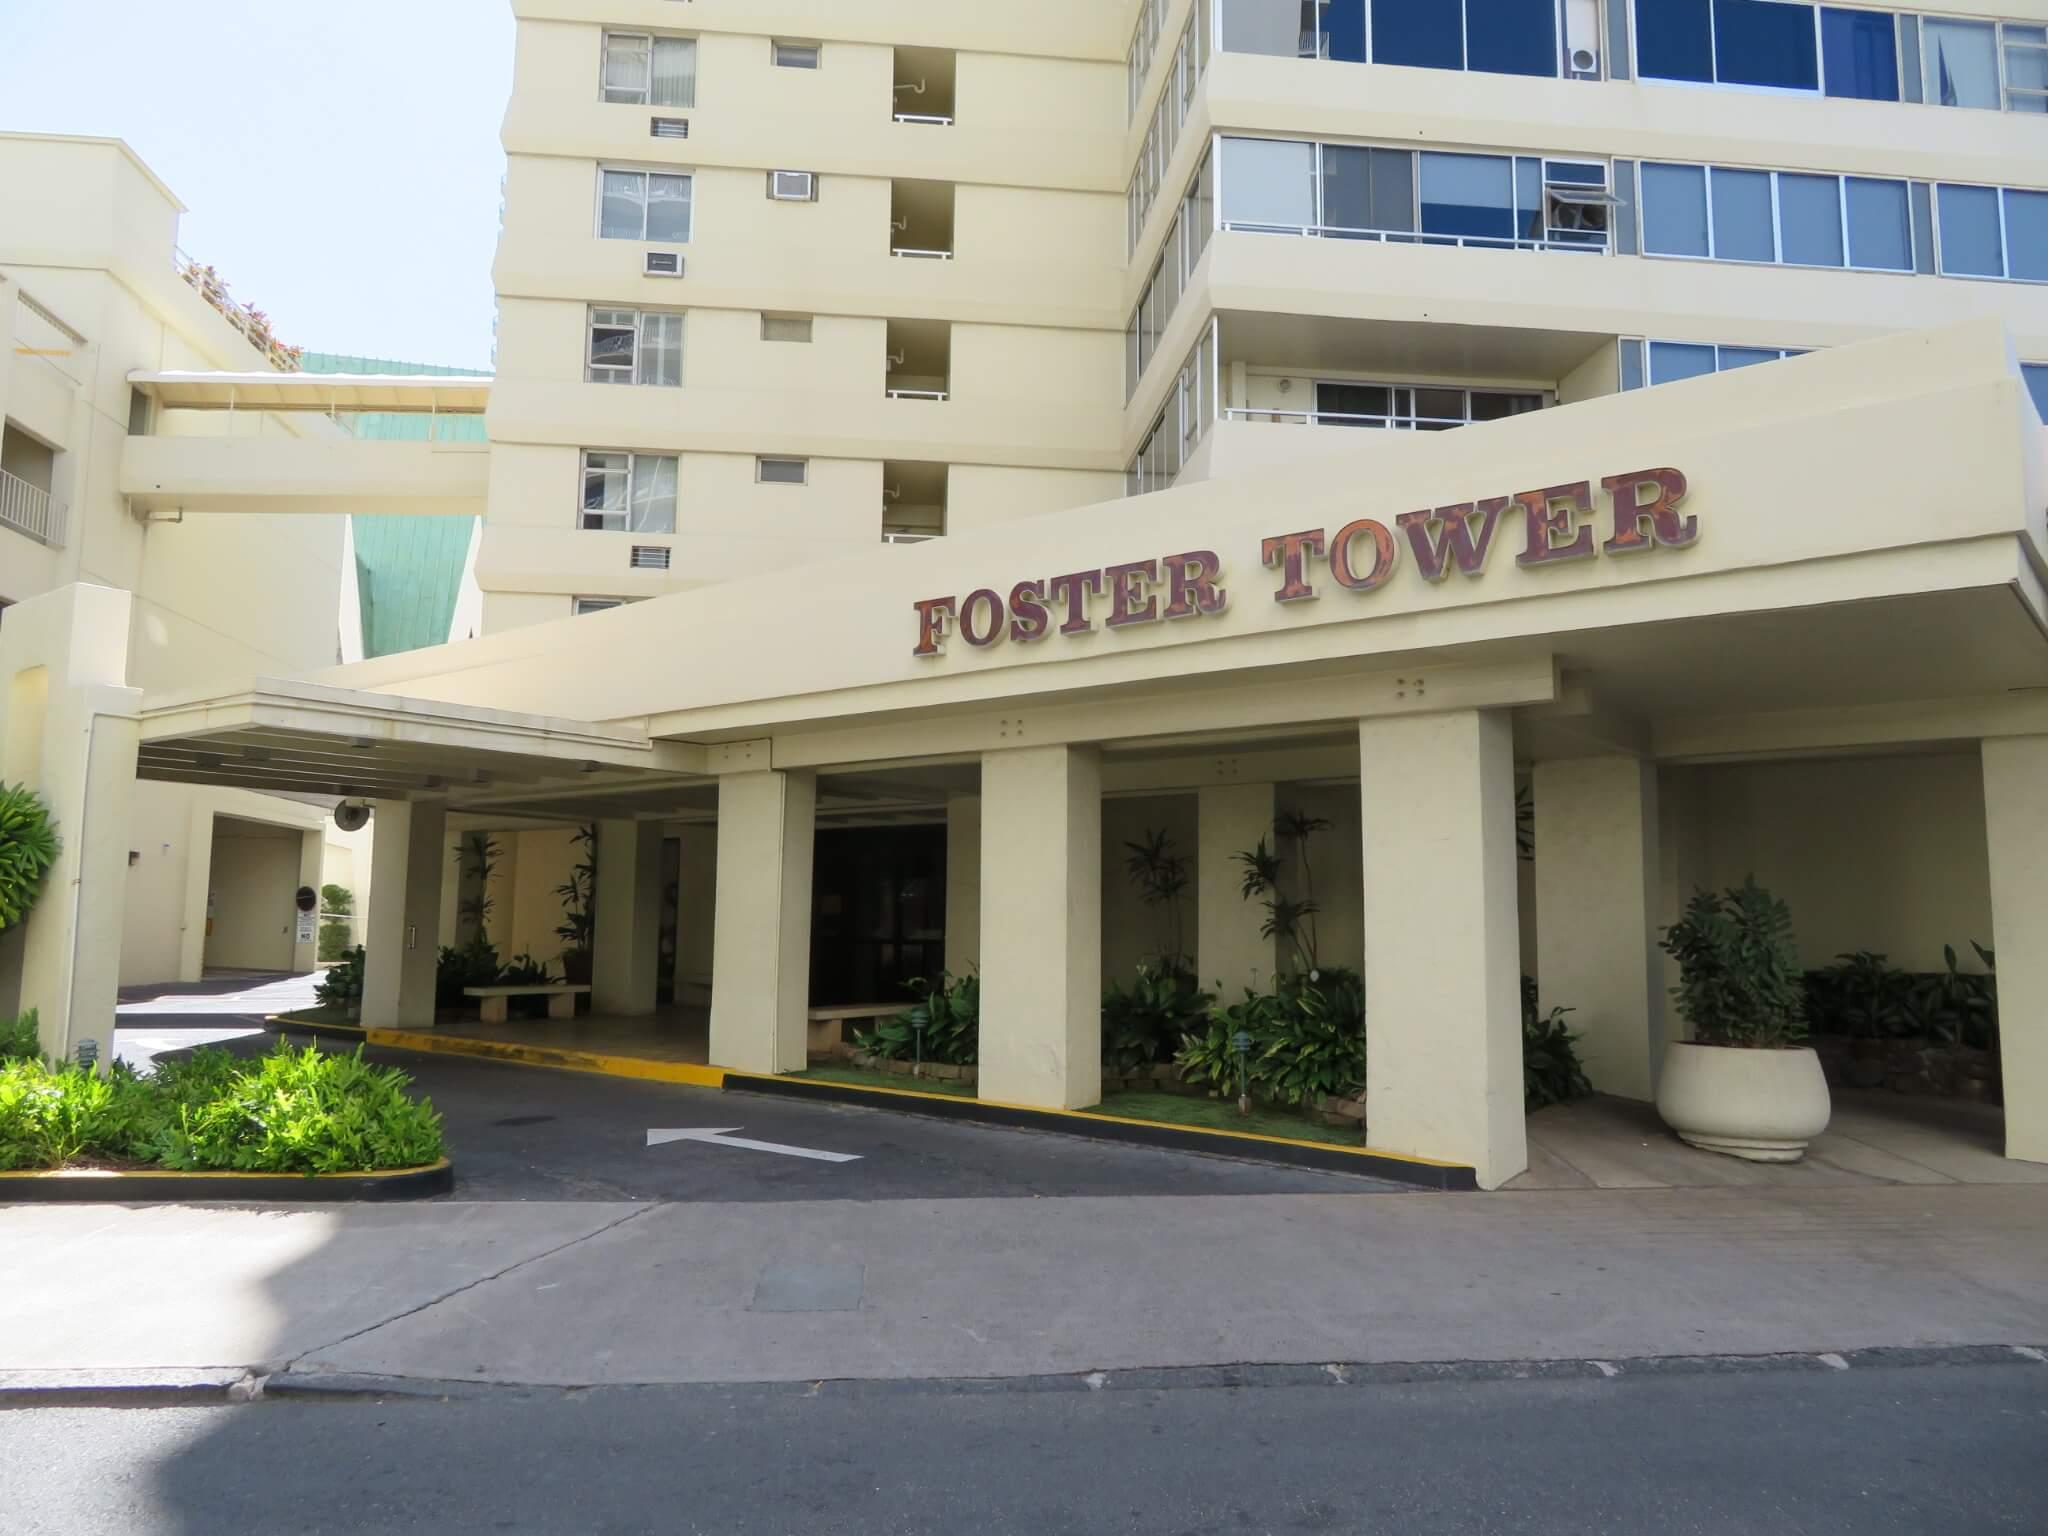 フォスター・タワー / Foster Tower